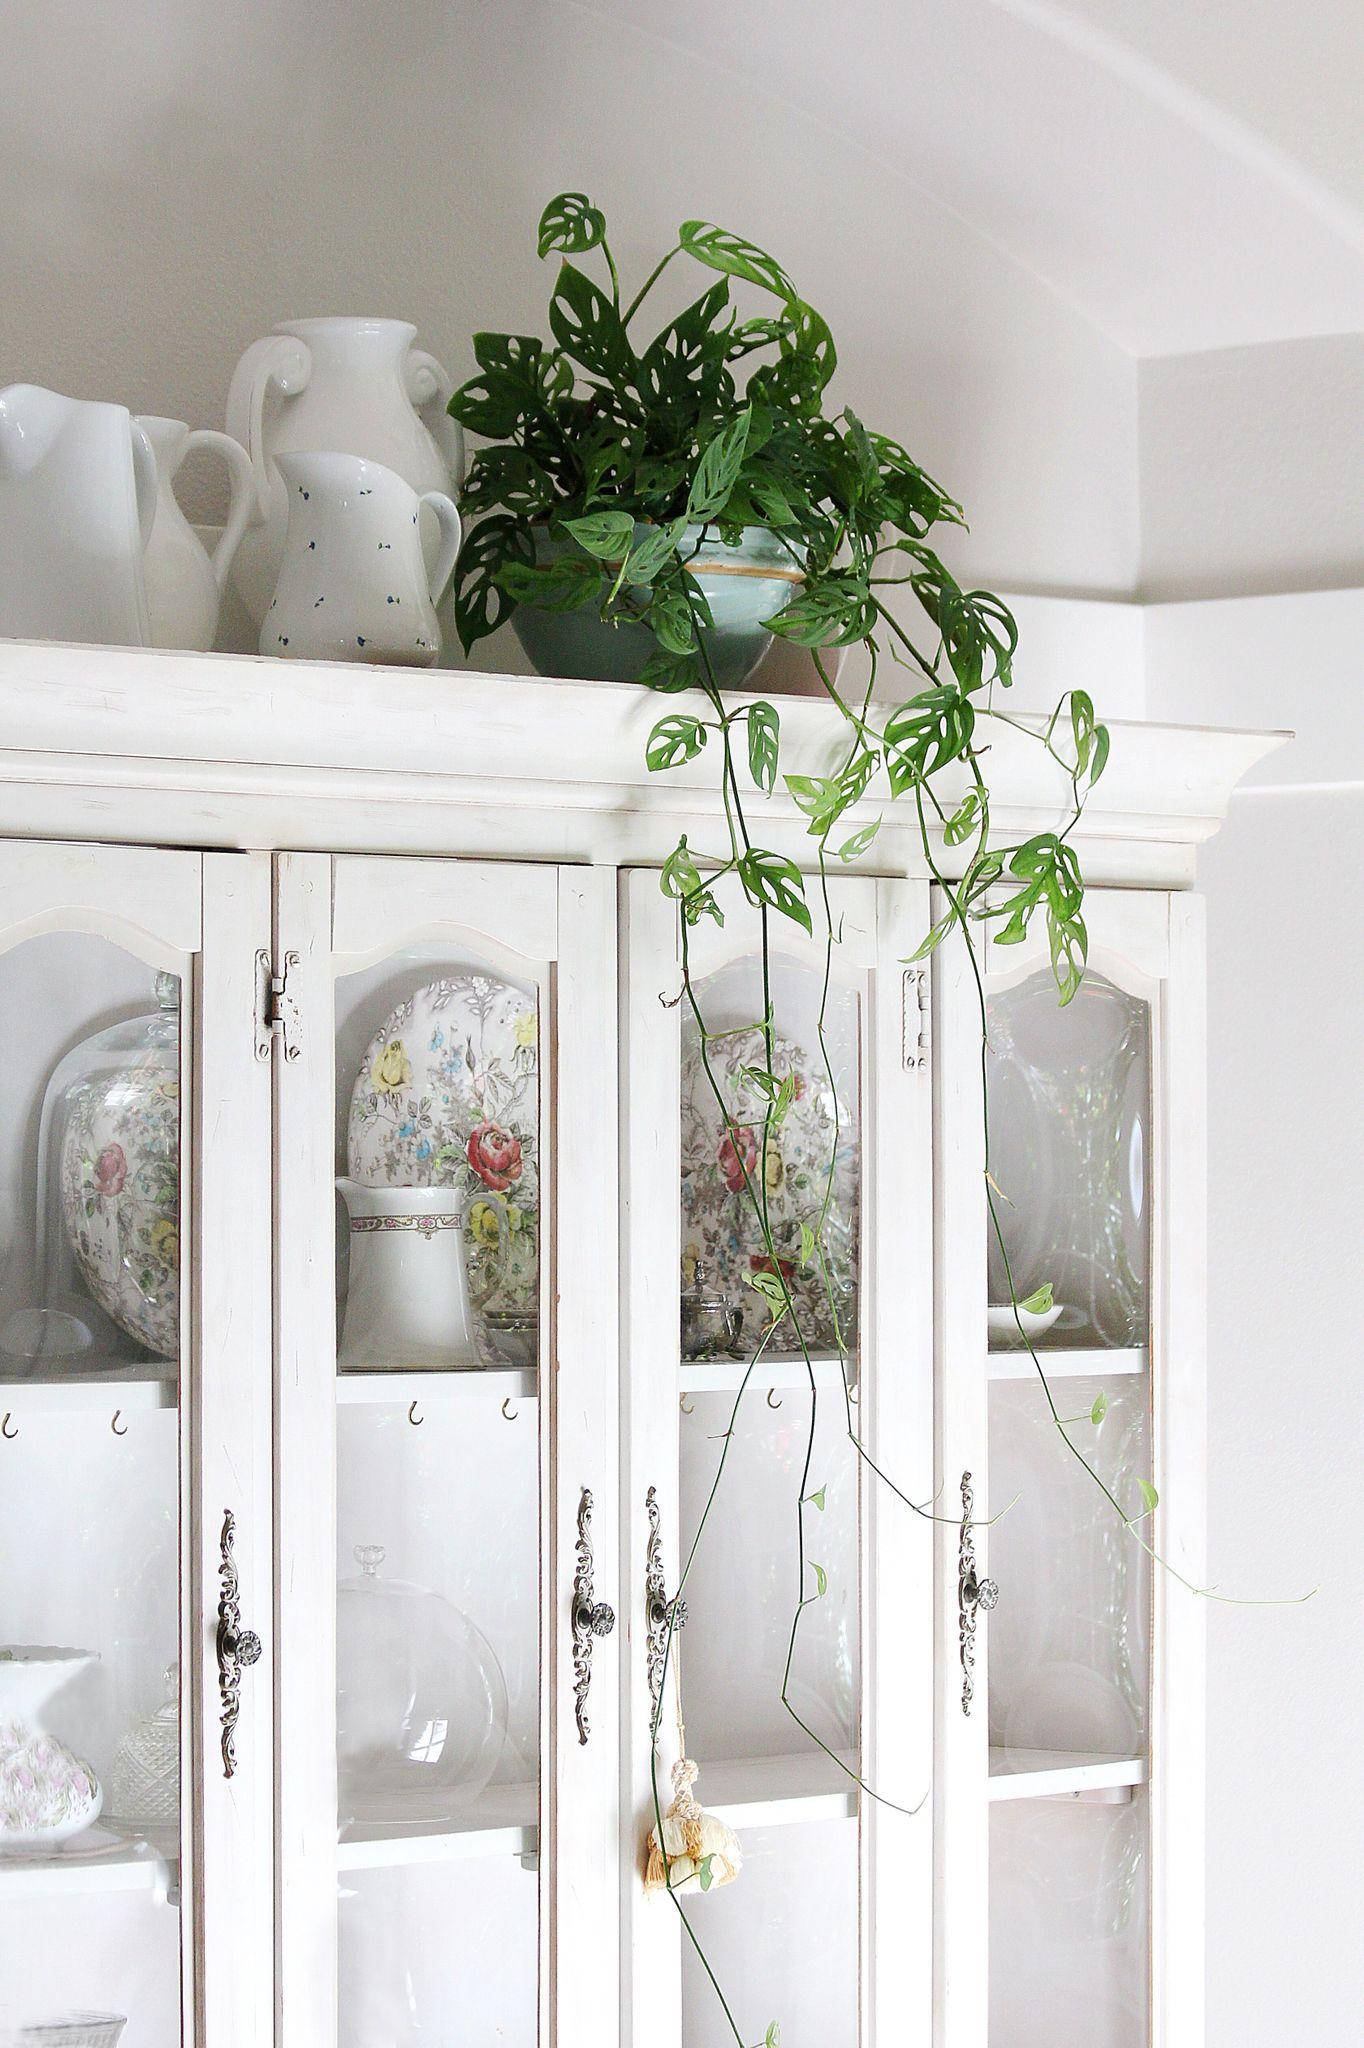 kuhles wohnzimmer von petz schönsten images und aaacadecdfdd